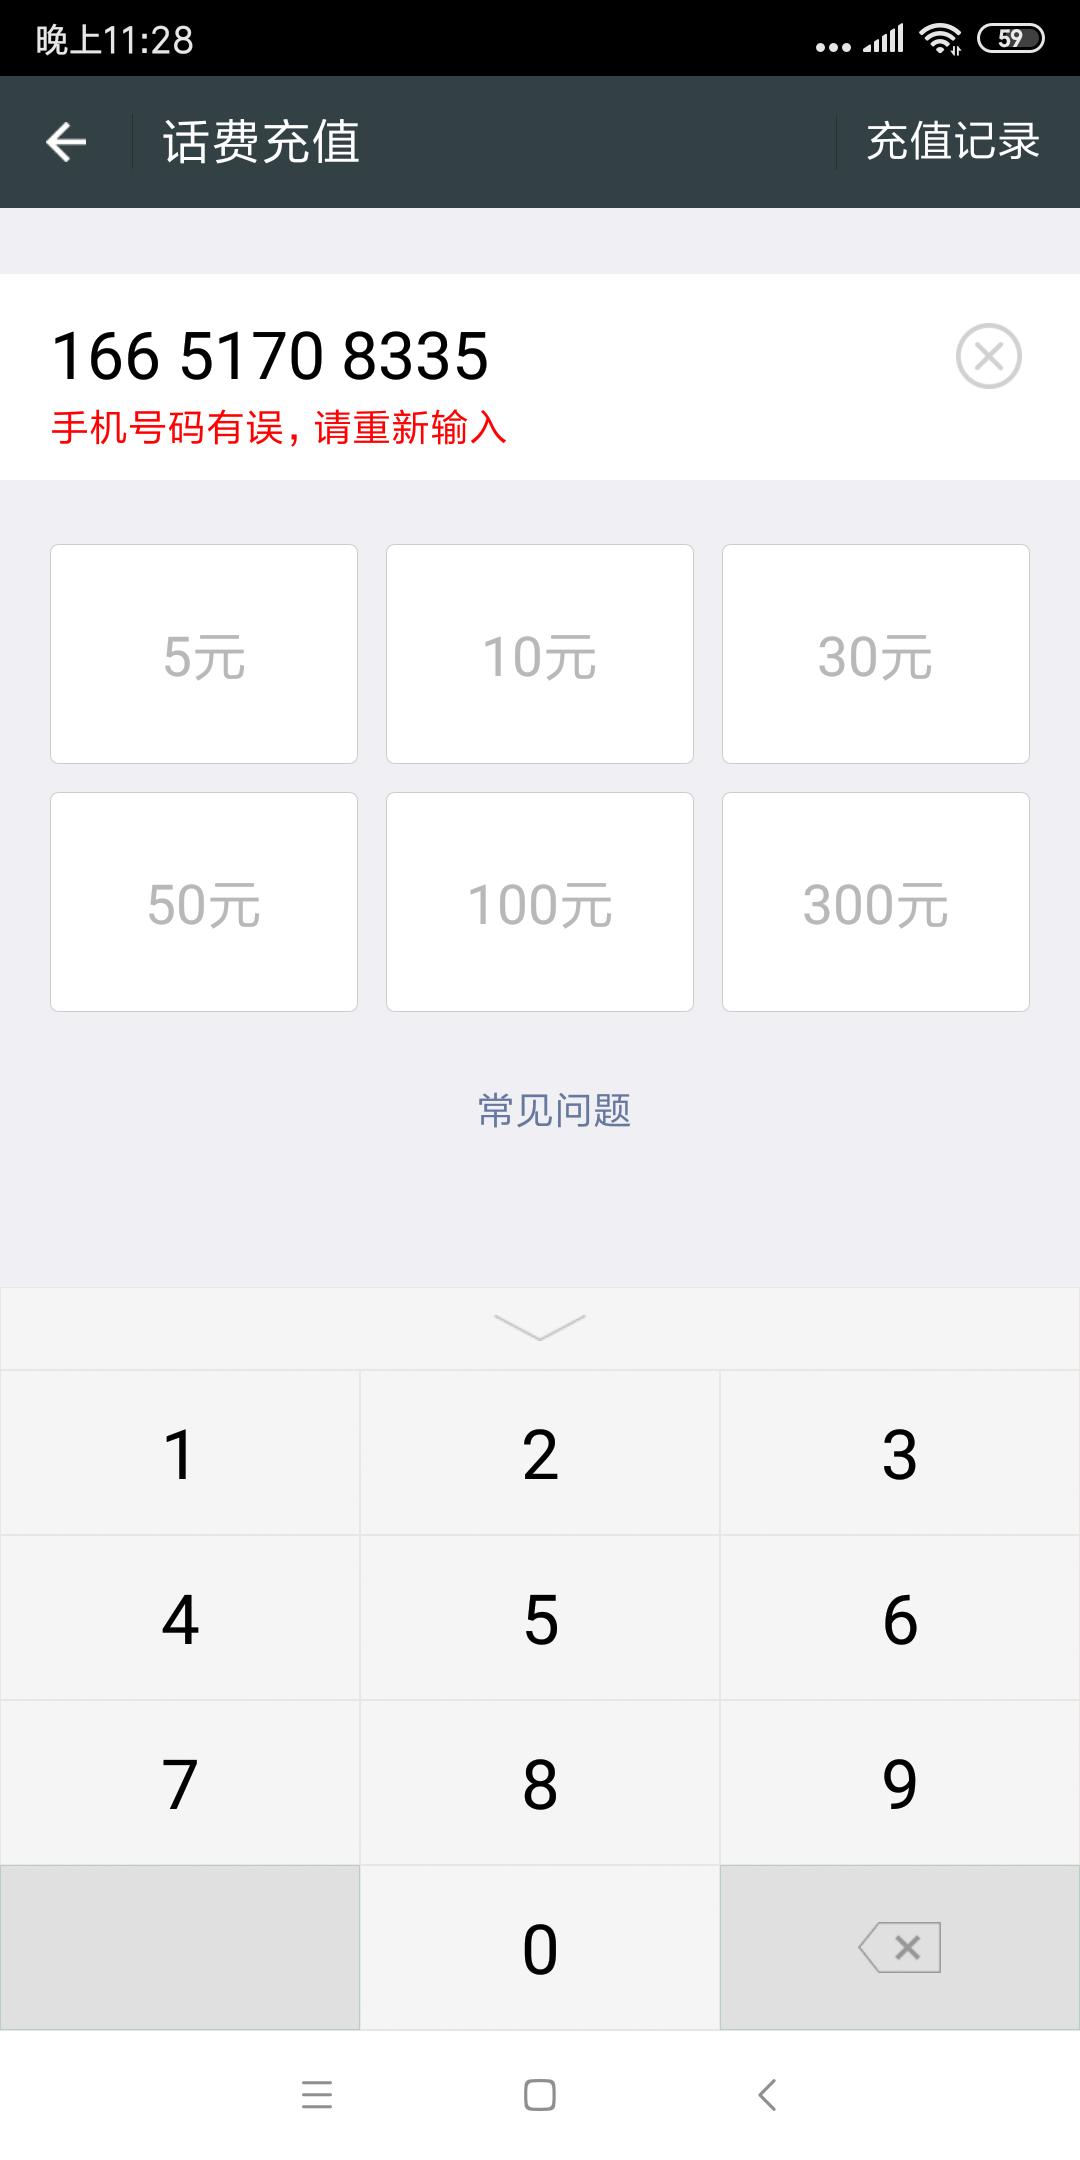 Screenshot_2019-01-10-23-28-00-703_com.qihoo.appstore.png